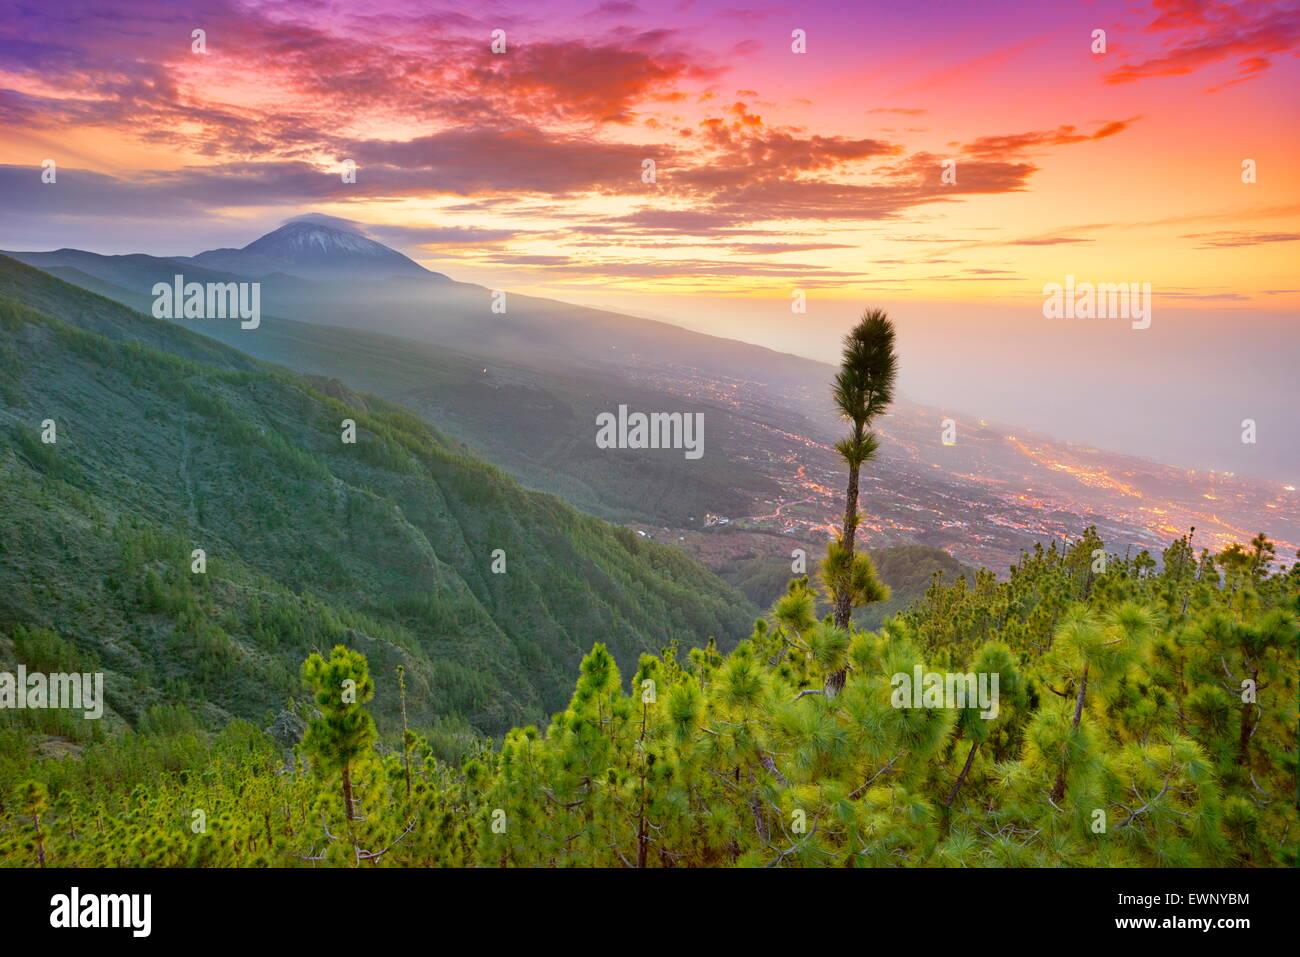 El paisaje de la isla de Tenerife - Teide en sunset el tiempo, Islas Canarias, España Imagen De Stock